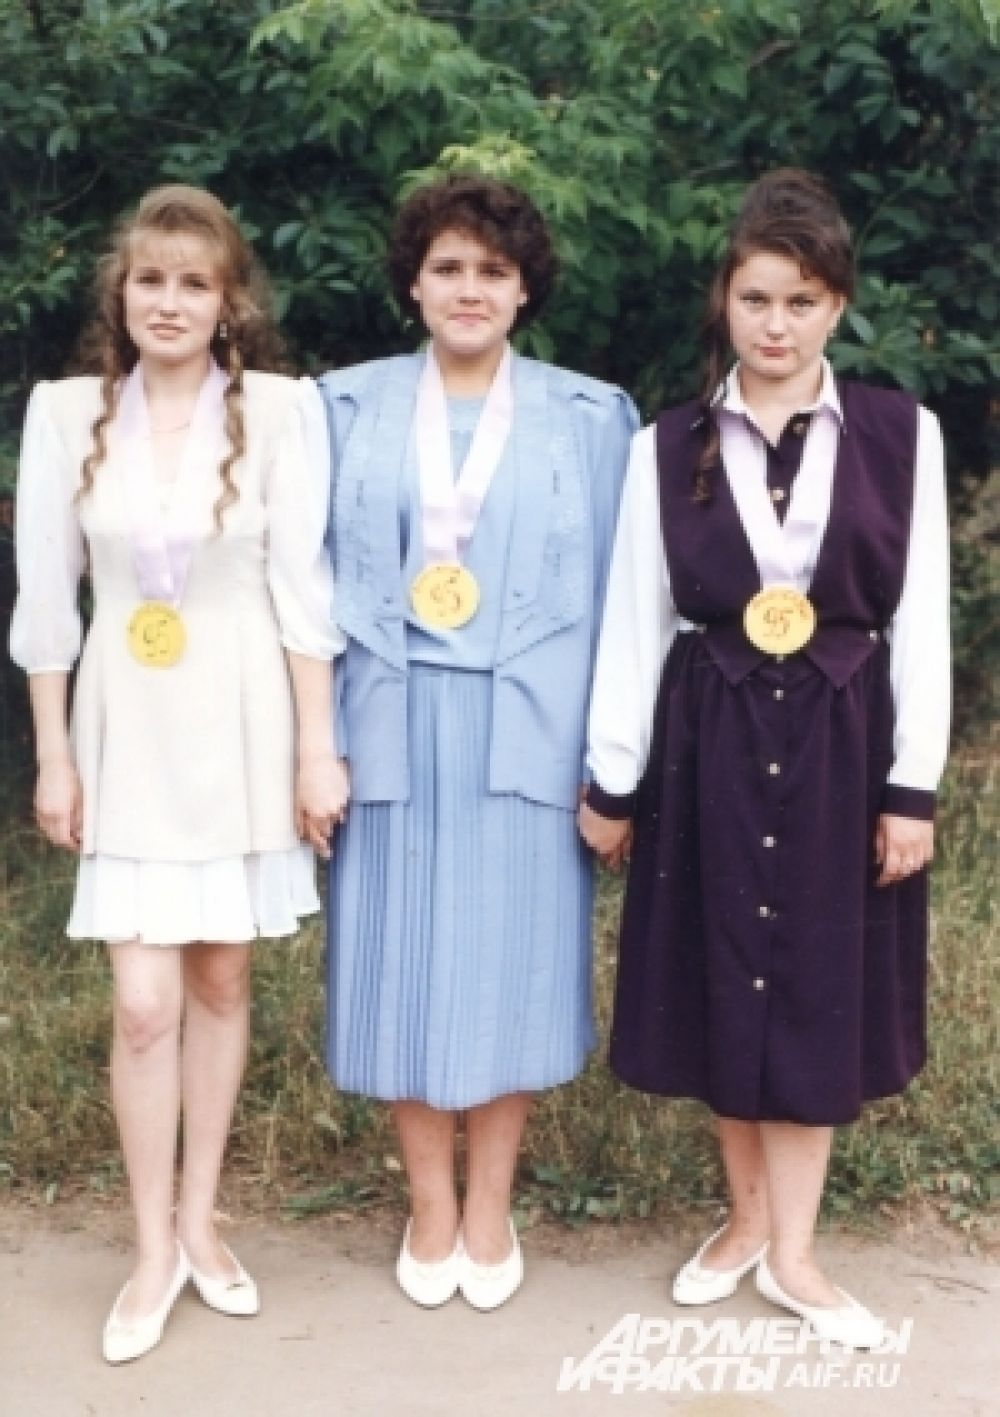 Выпускницы 1995 года, Казань.